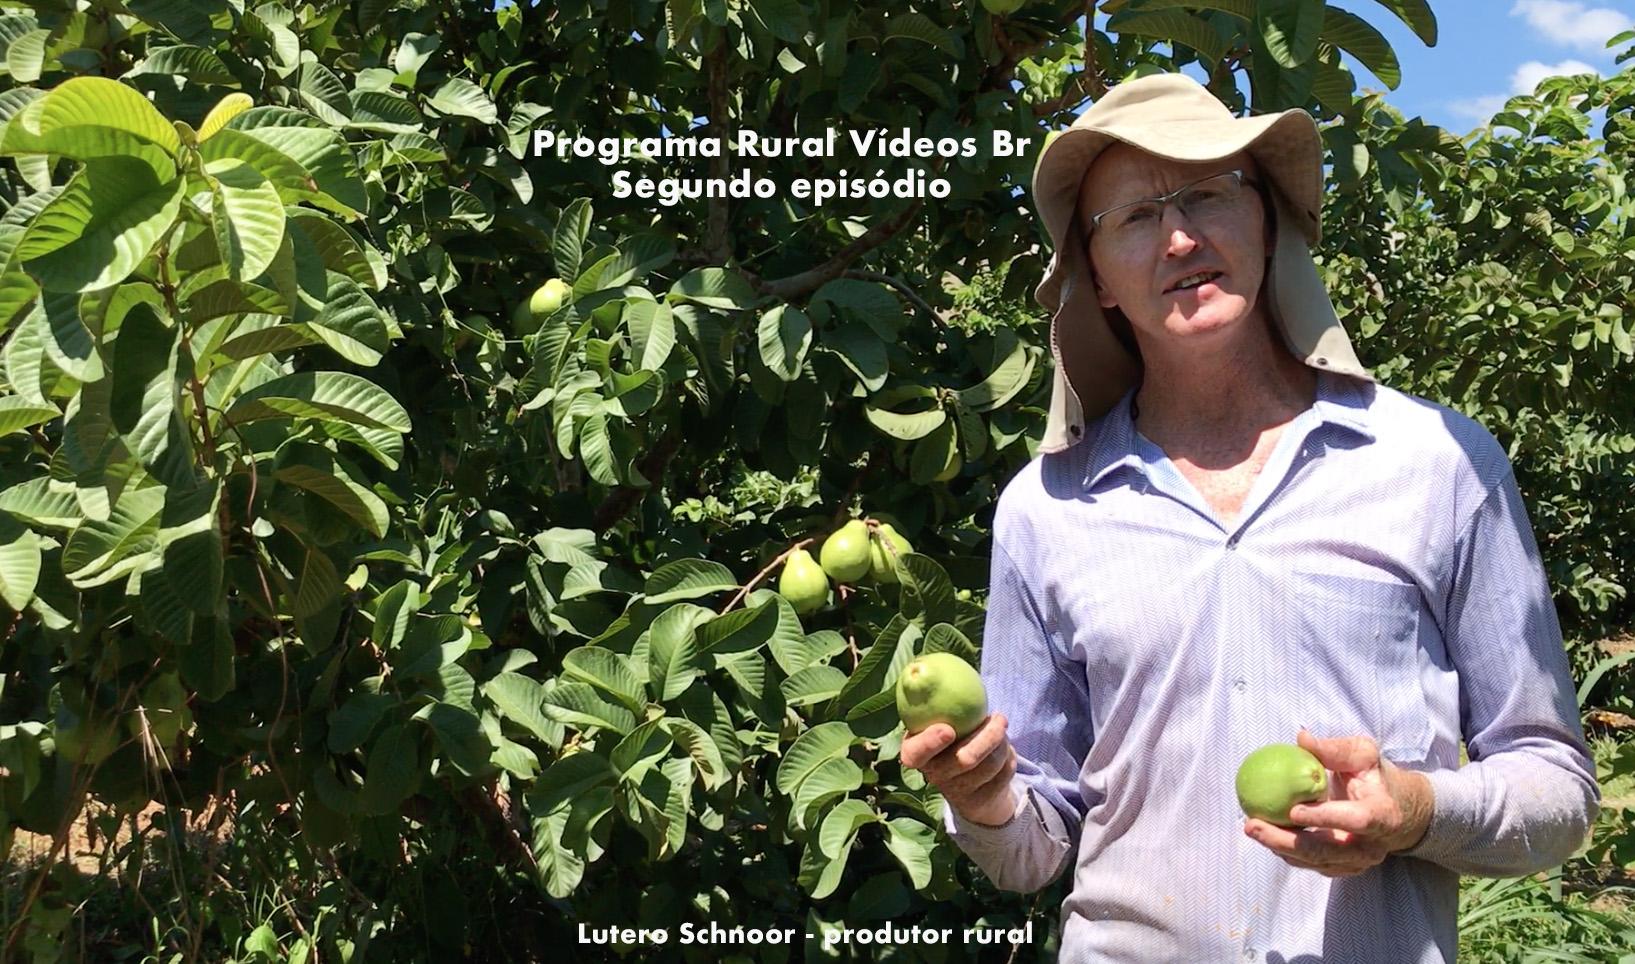 Segundo episódio do Programa Rural Vídeos BR